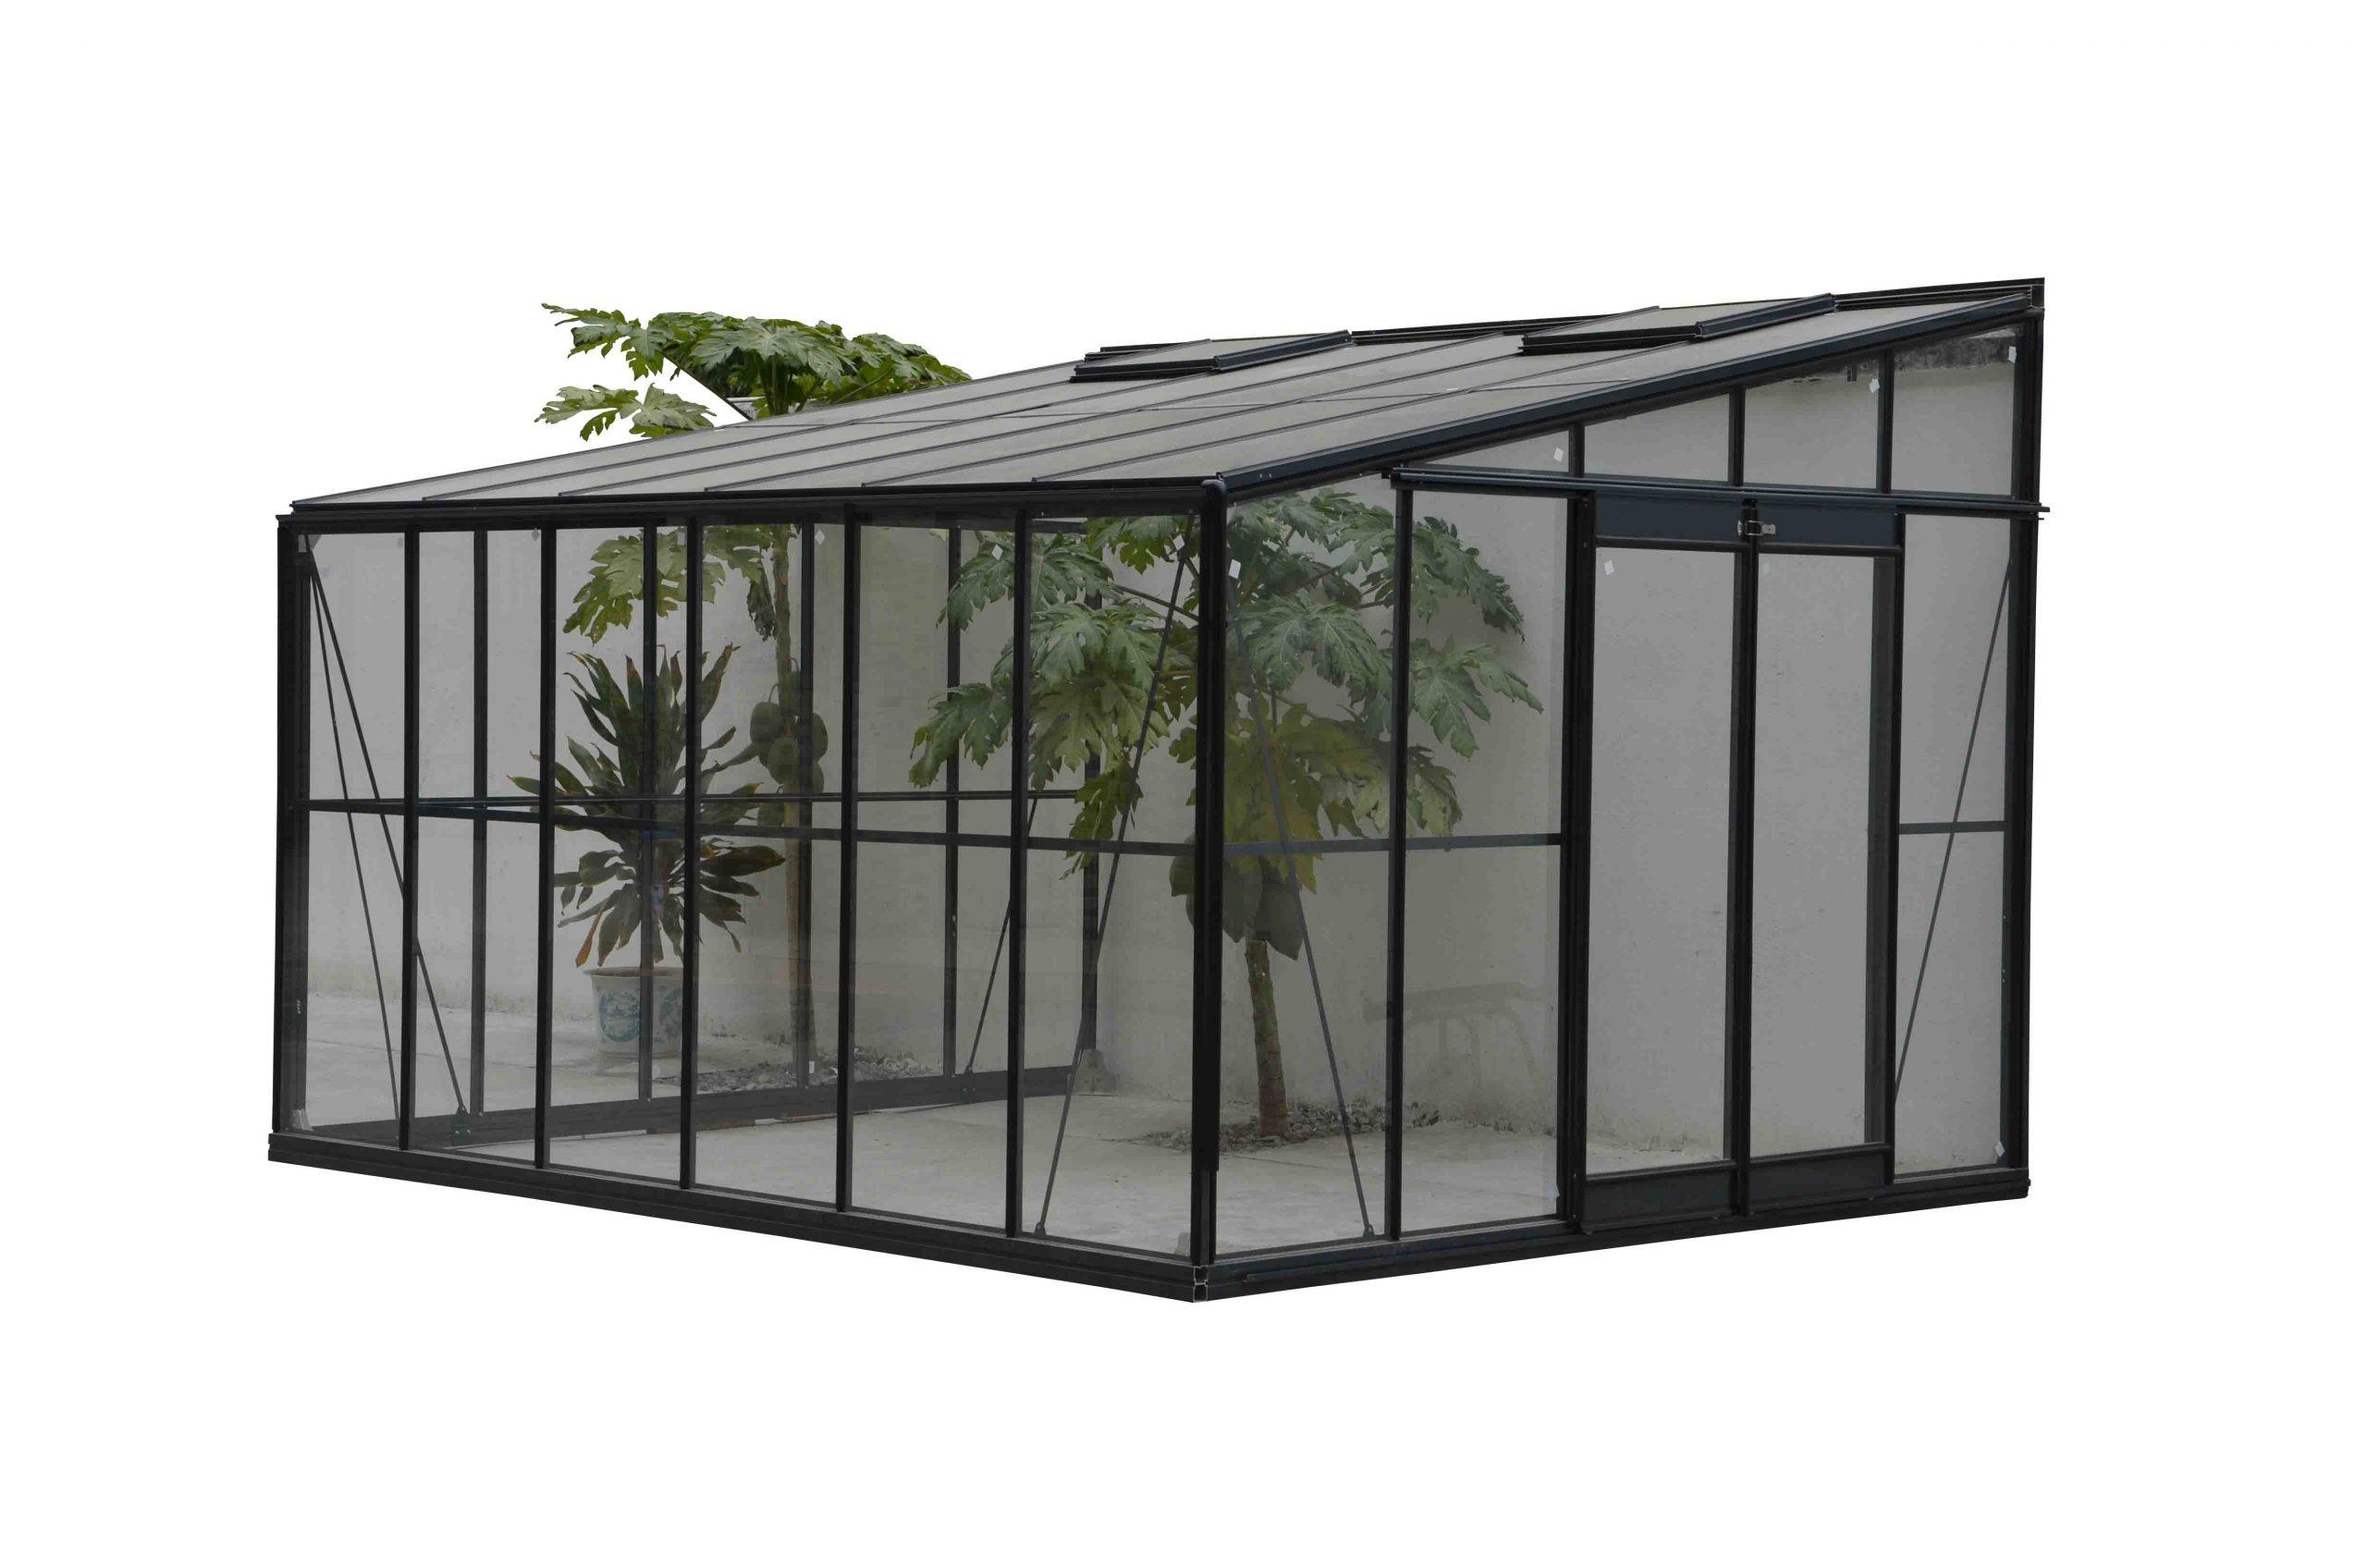 Serre Grise Jardin D'hiver 11,9M² Adossable Avec Base Serre ... avec Serre Adossable